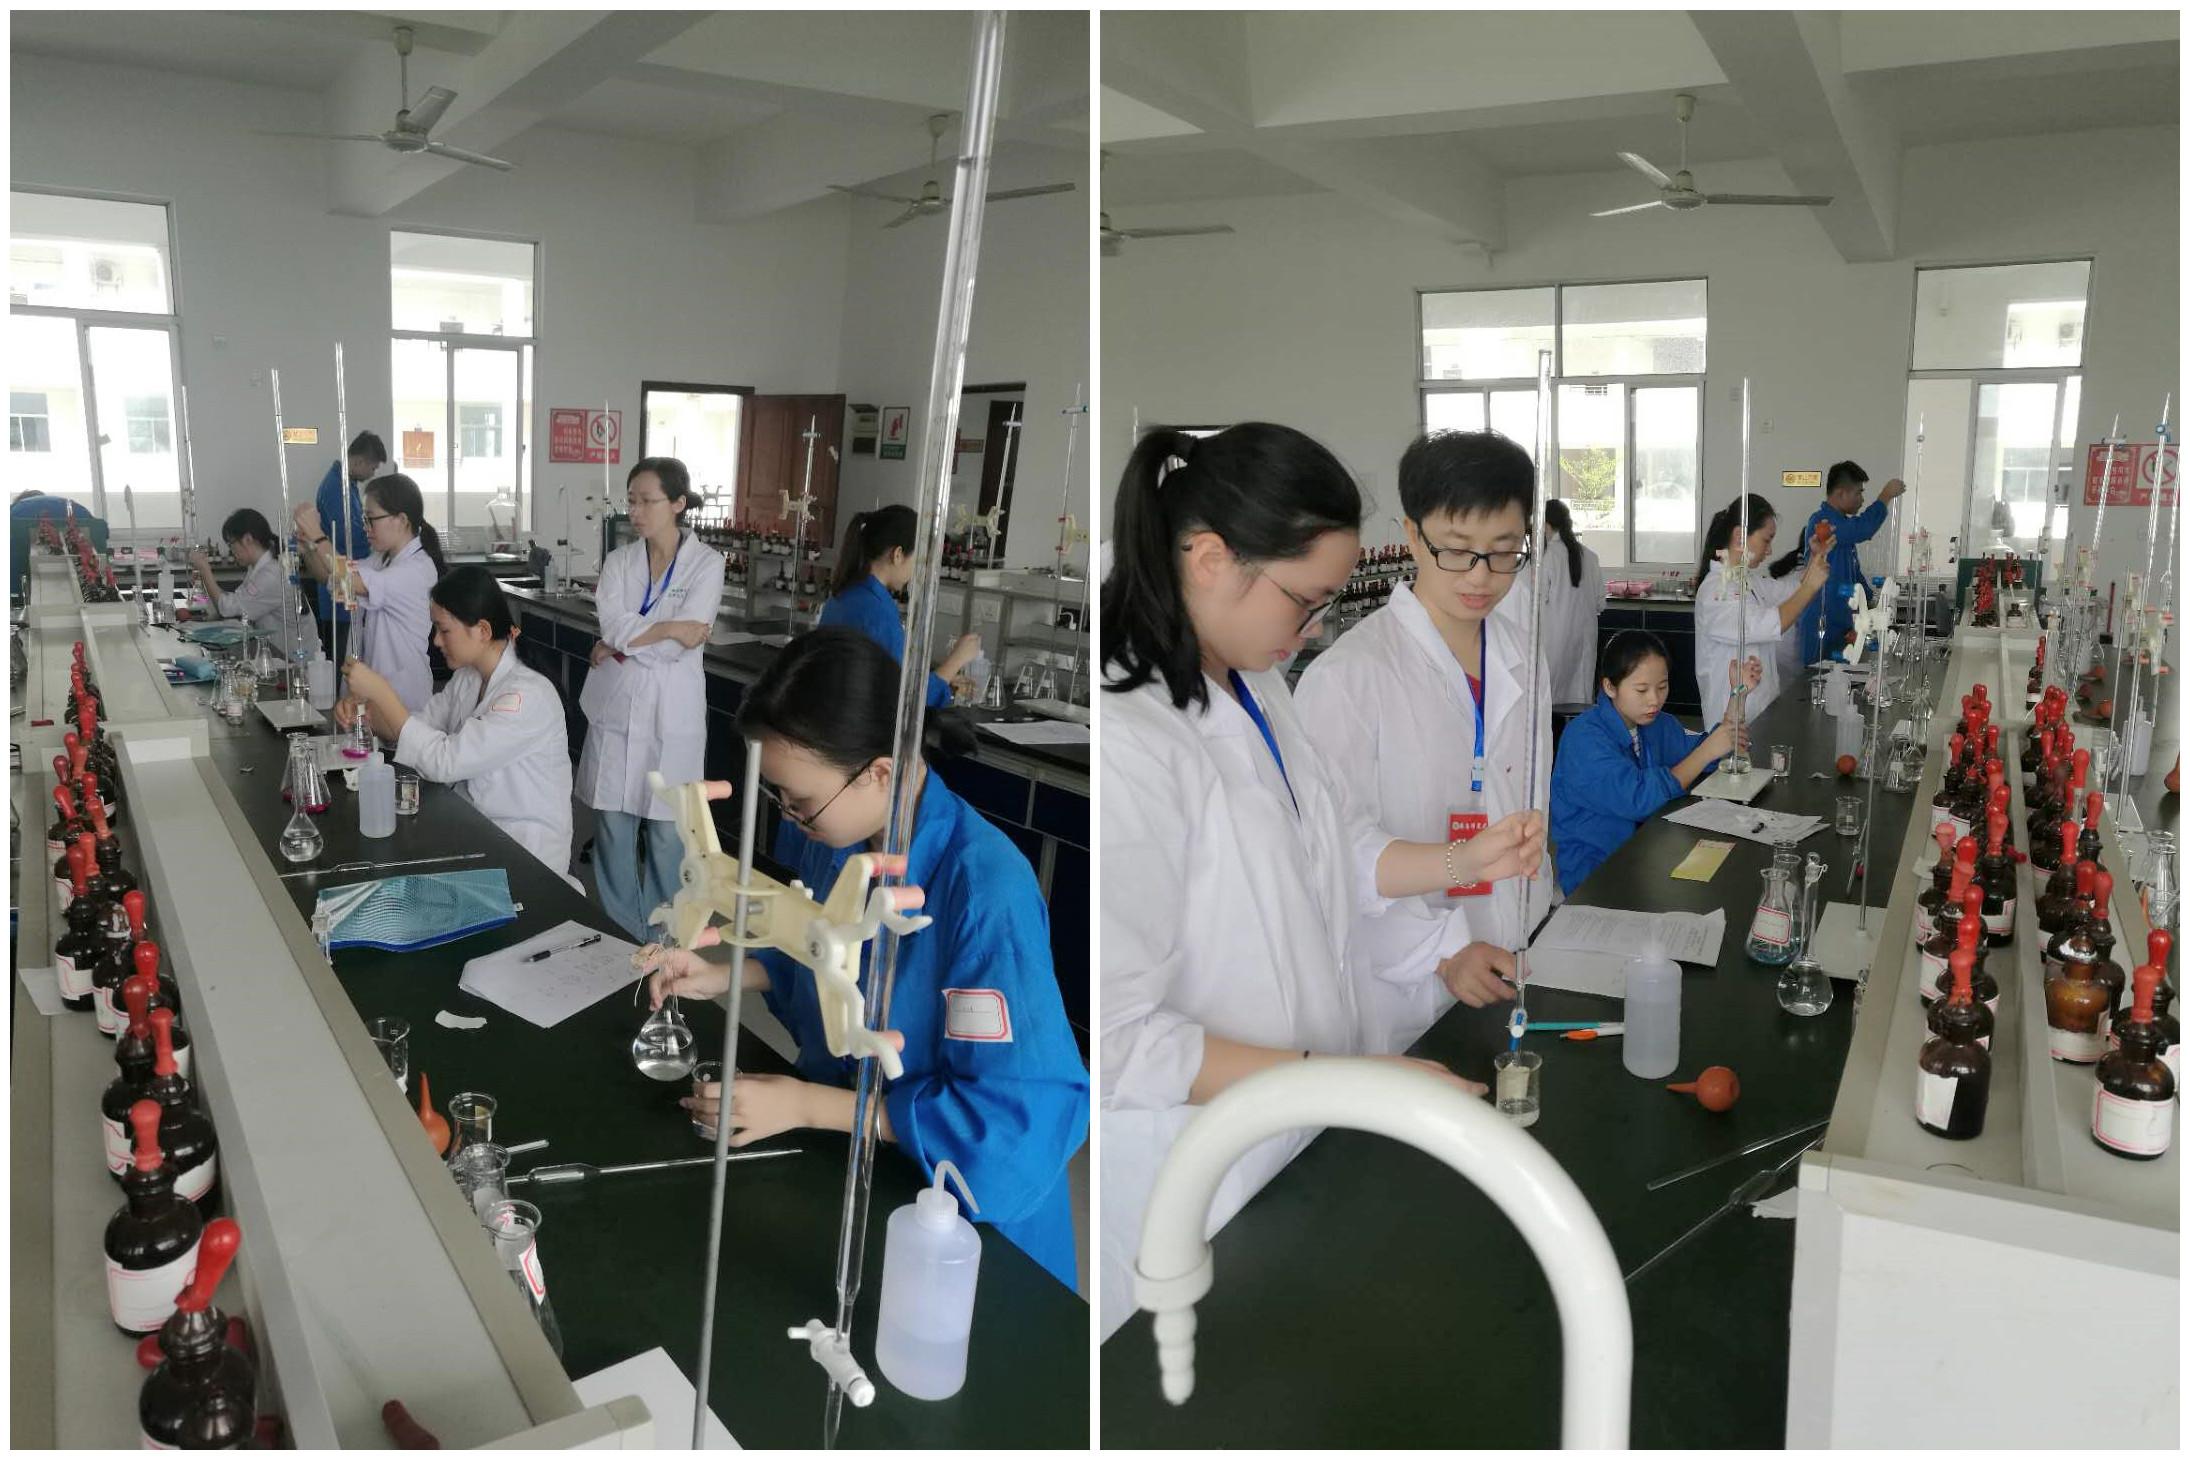 省高校第一届大学生化学实验技能竞赛在我校举办